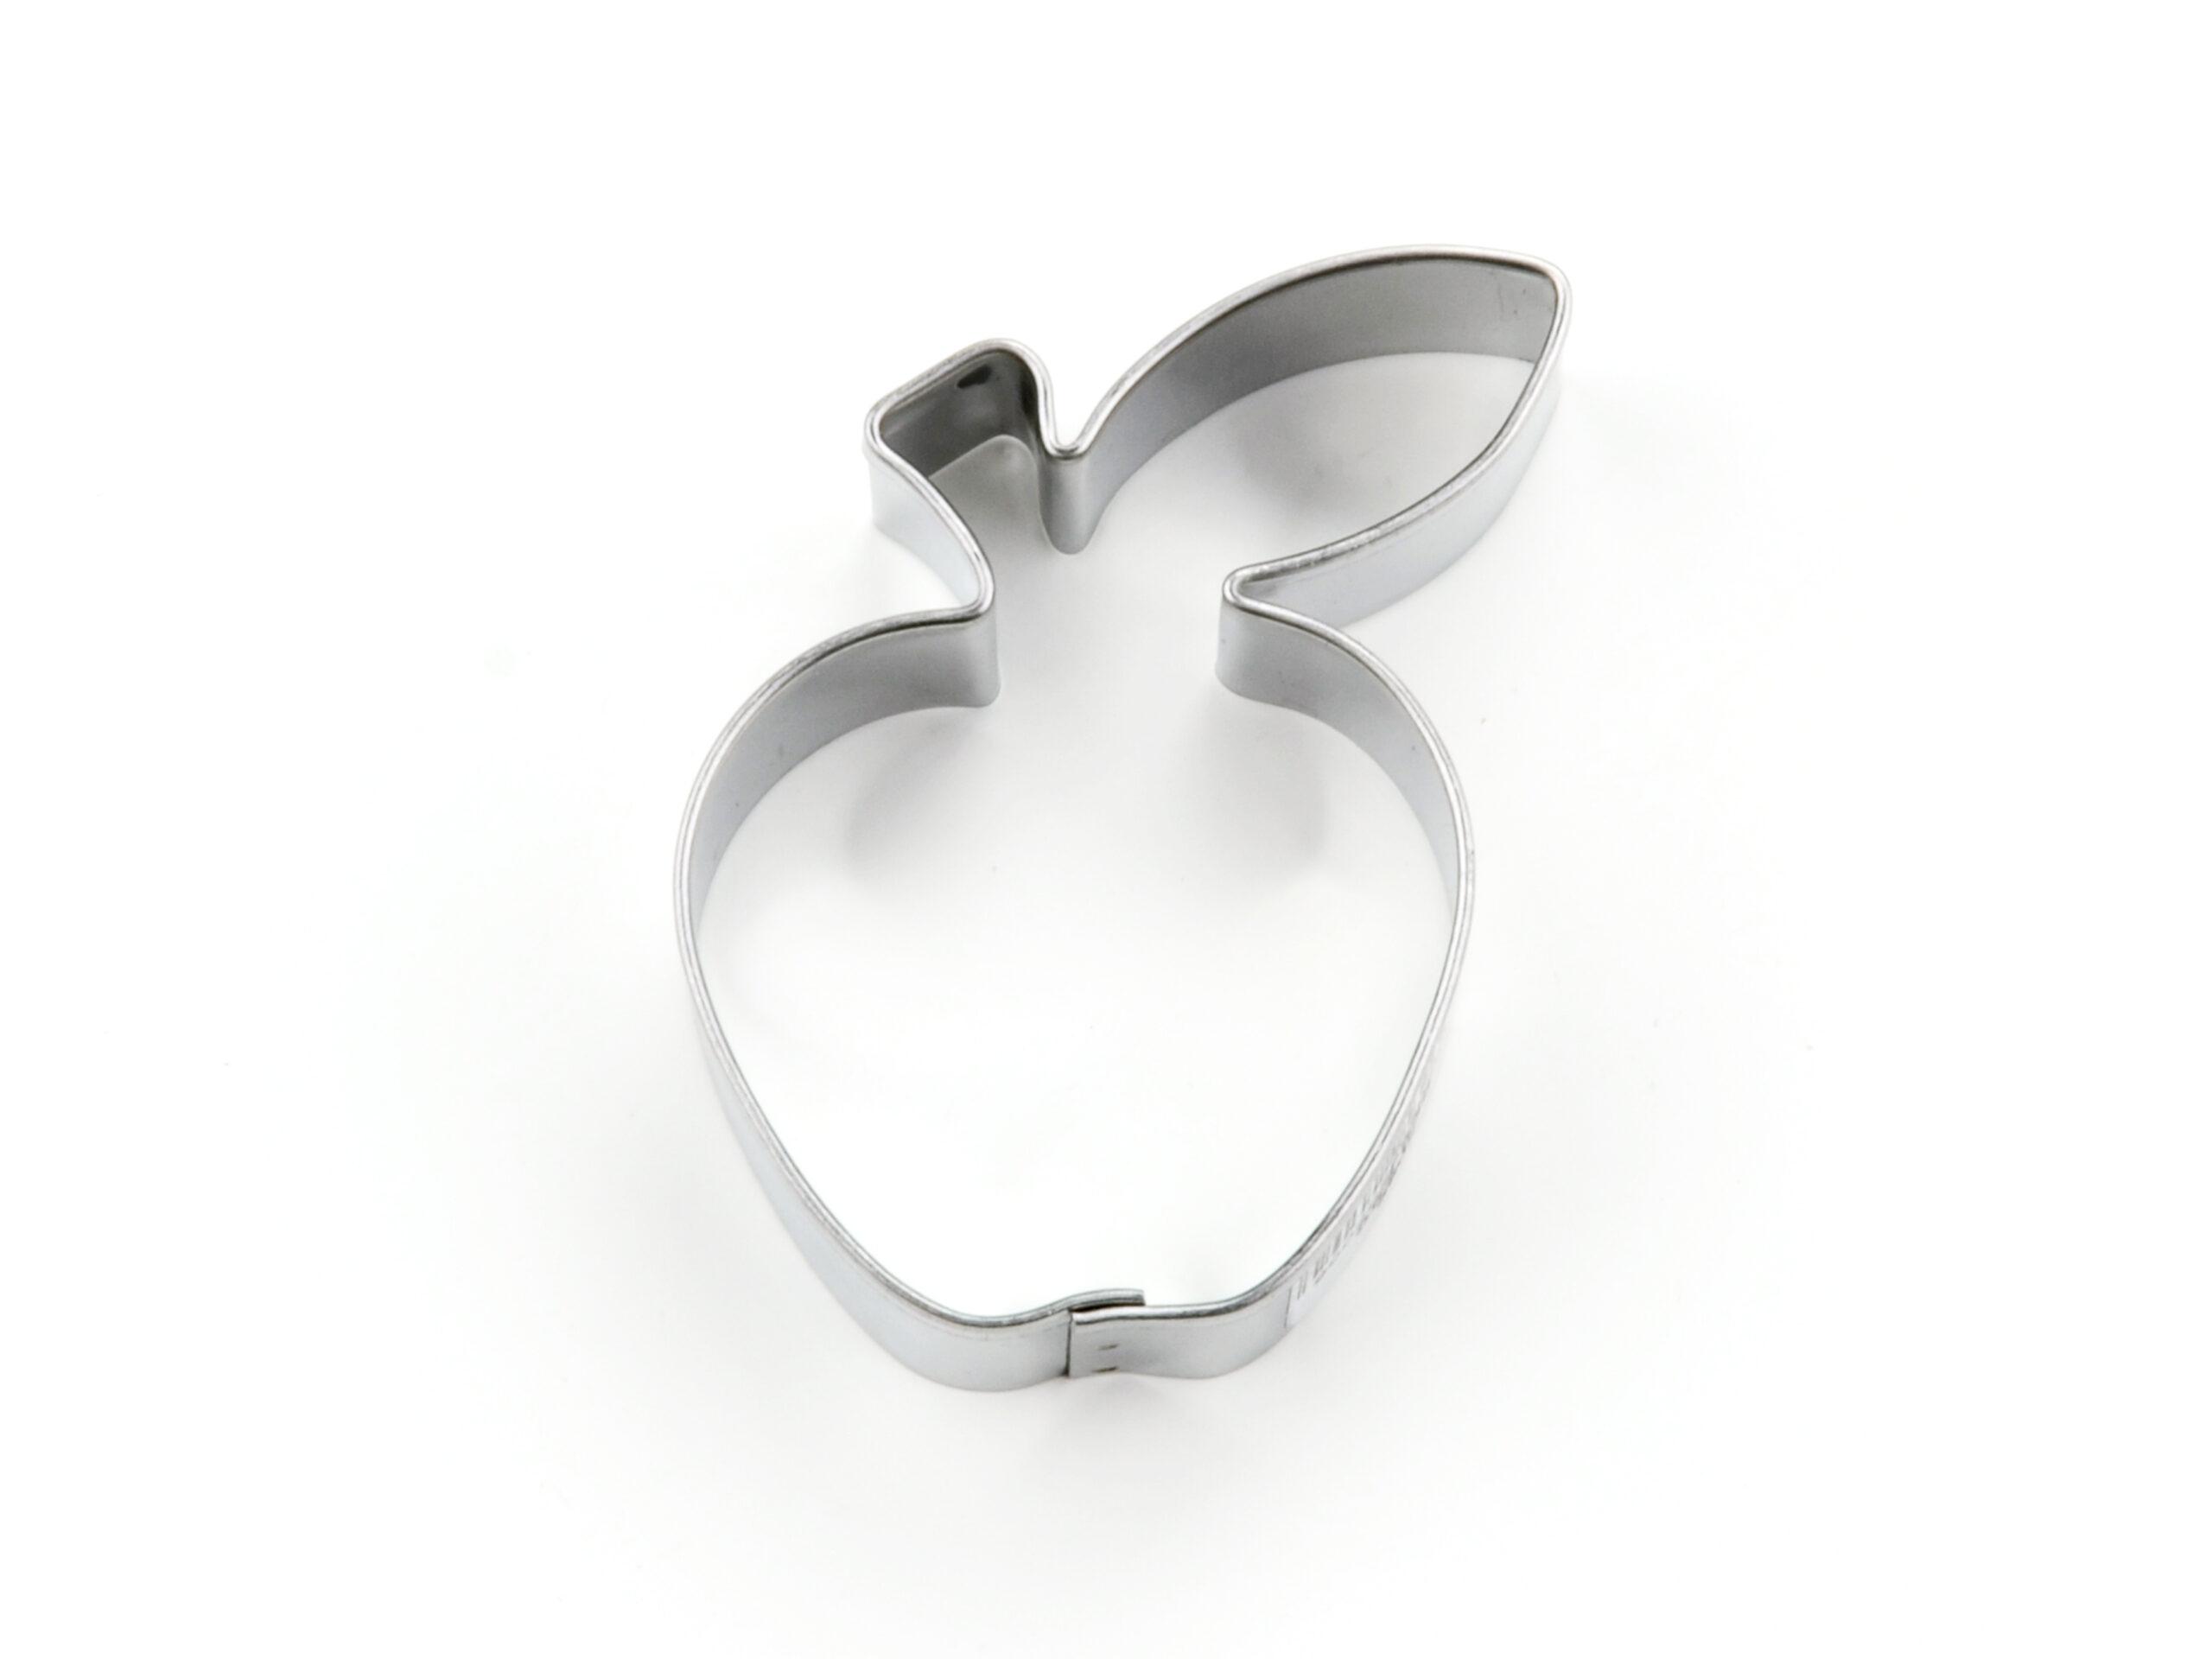 Ausstecher Apfel 4,5 cm